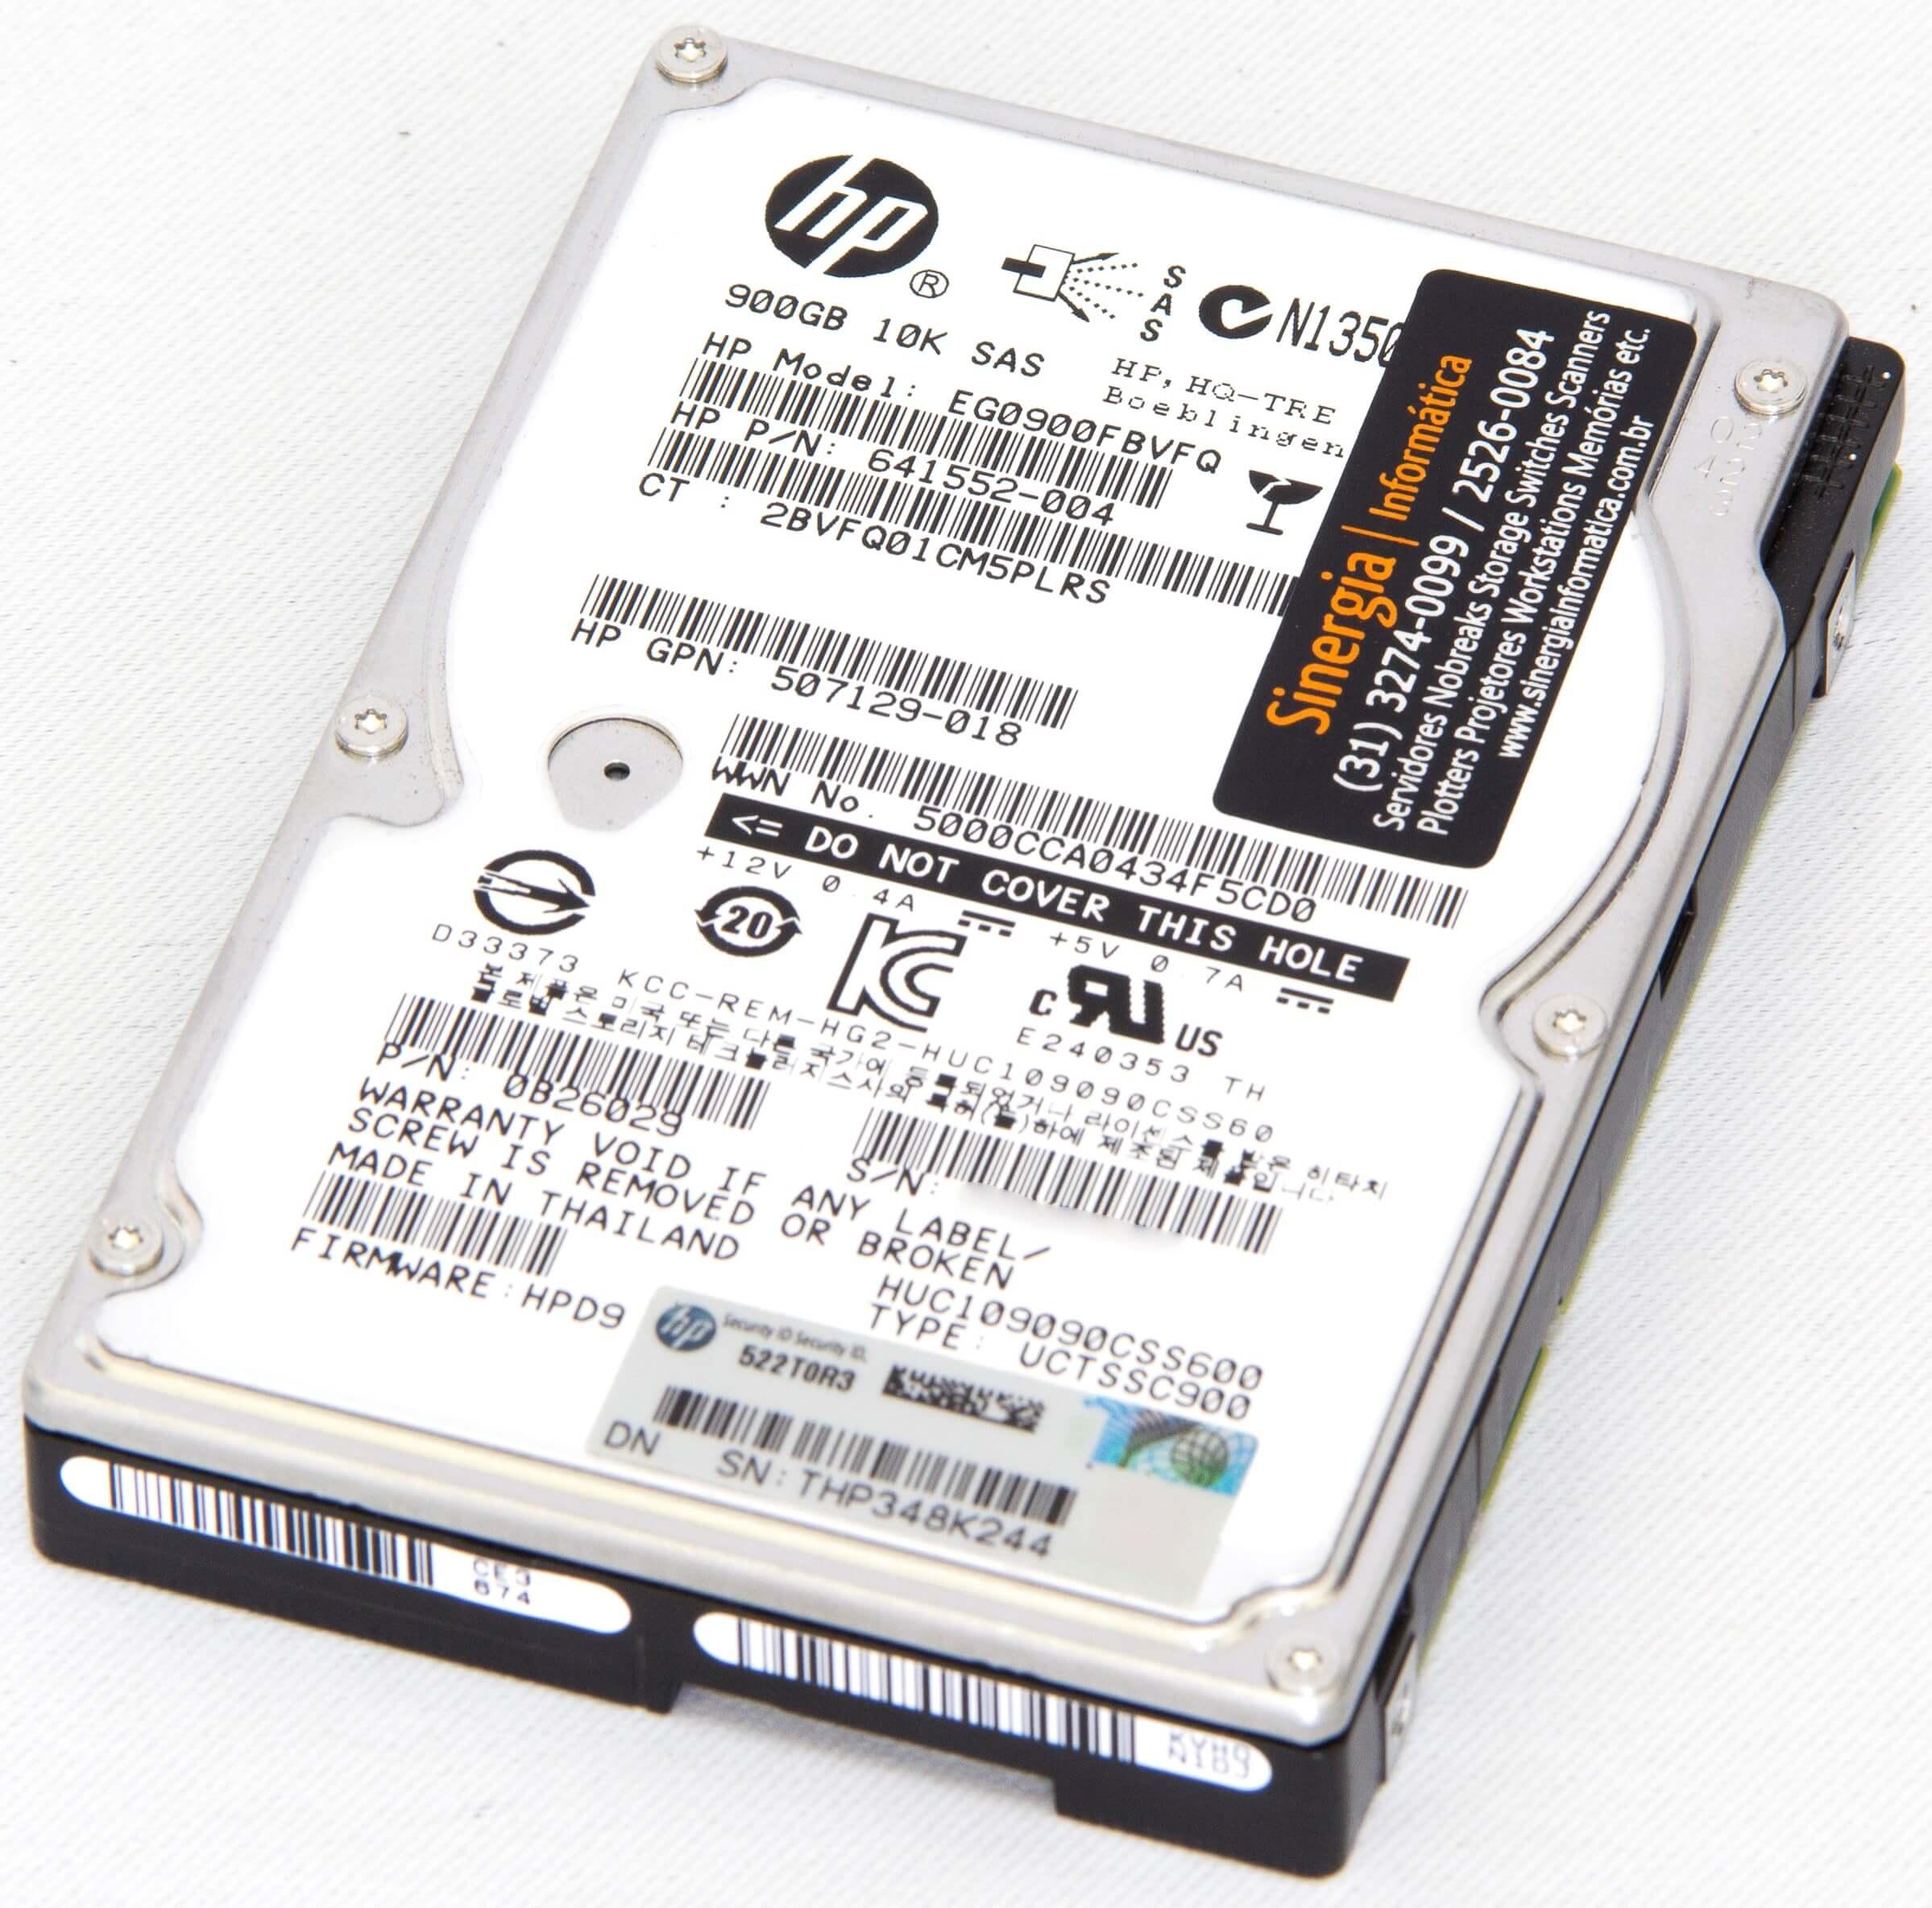 HDD de 900GB SAS 10K HPE PN: 641552-004 modelo EG0900FBVGQ